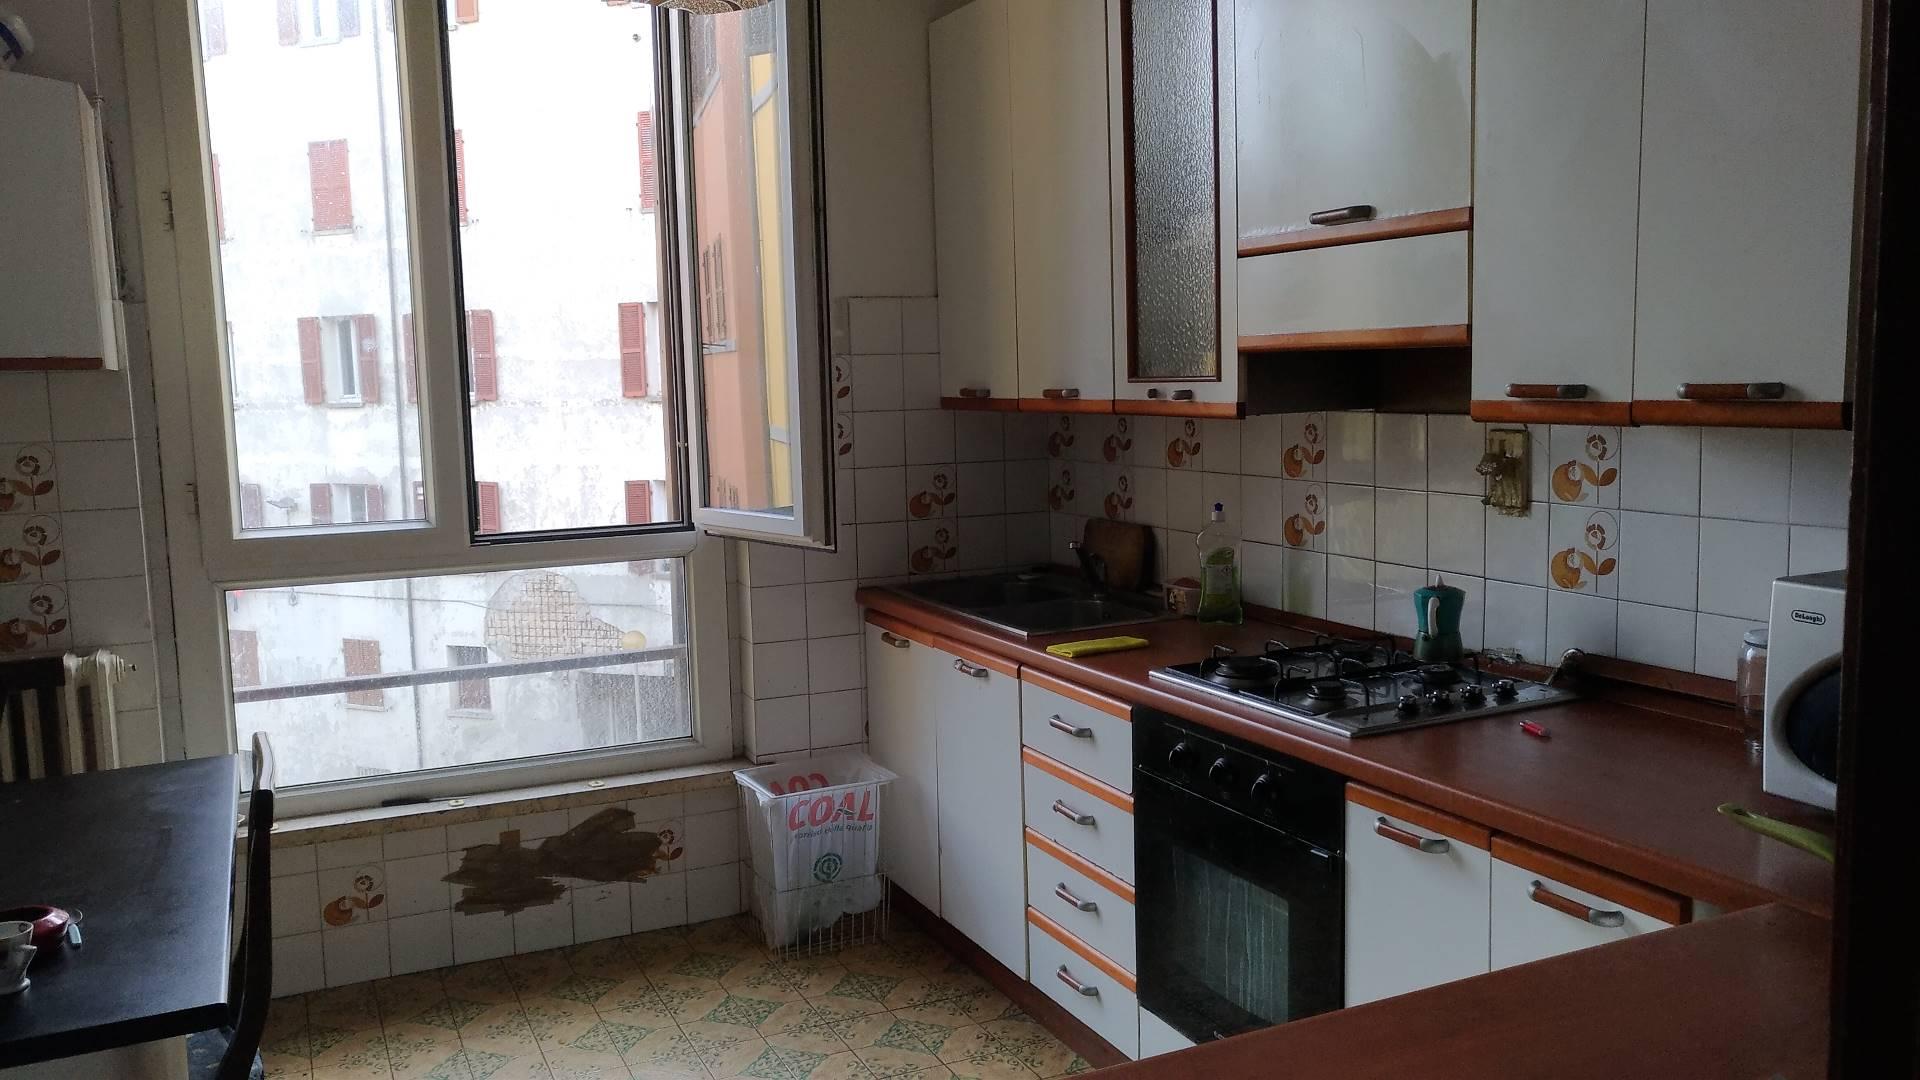 Appartamento in affitto a Ancona, 6 locali, zona Località: Centrostorico, Trattative riservate | Cambio Casa.it